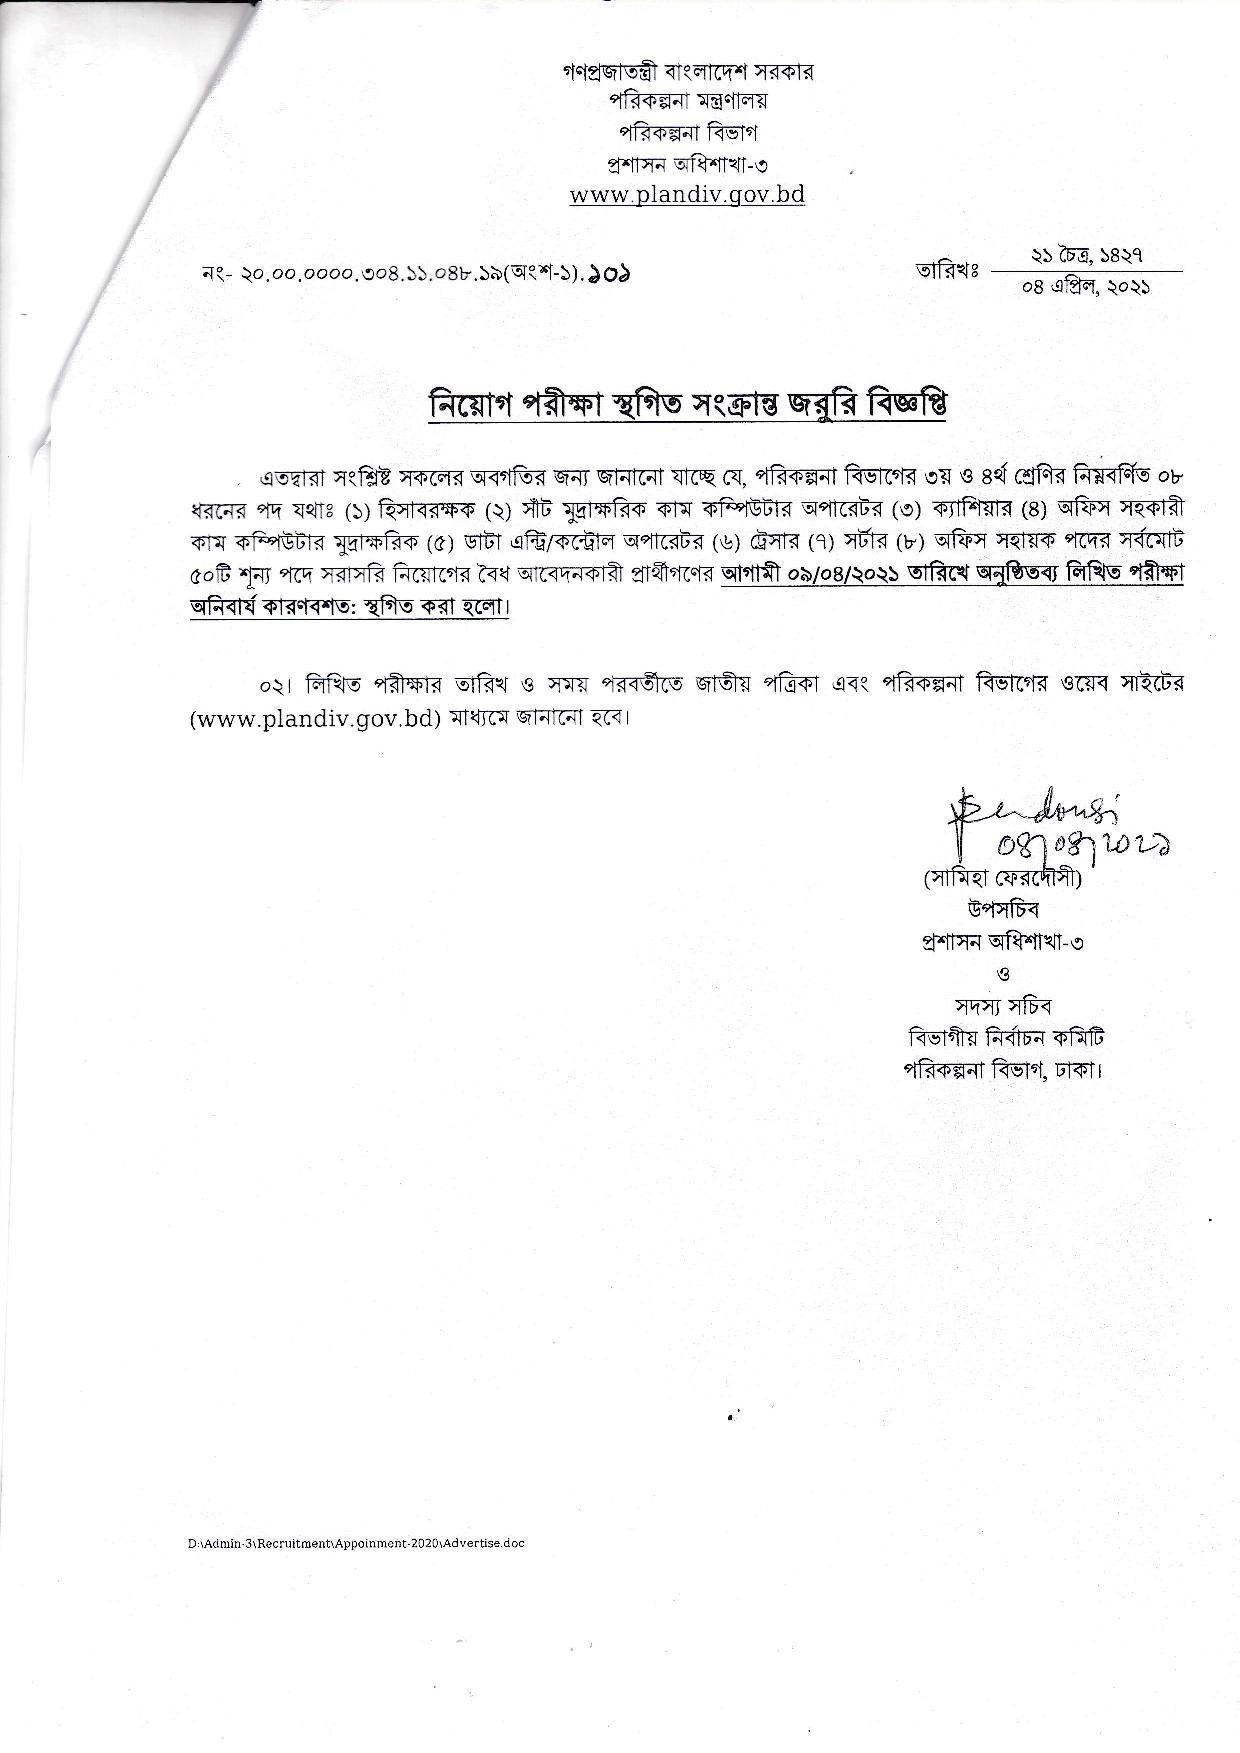 Planning Division Exam Notice 2021